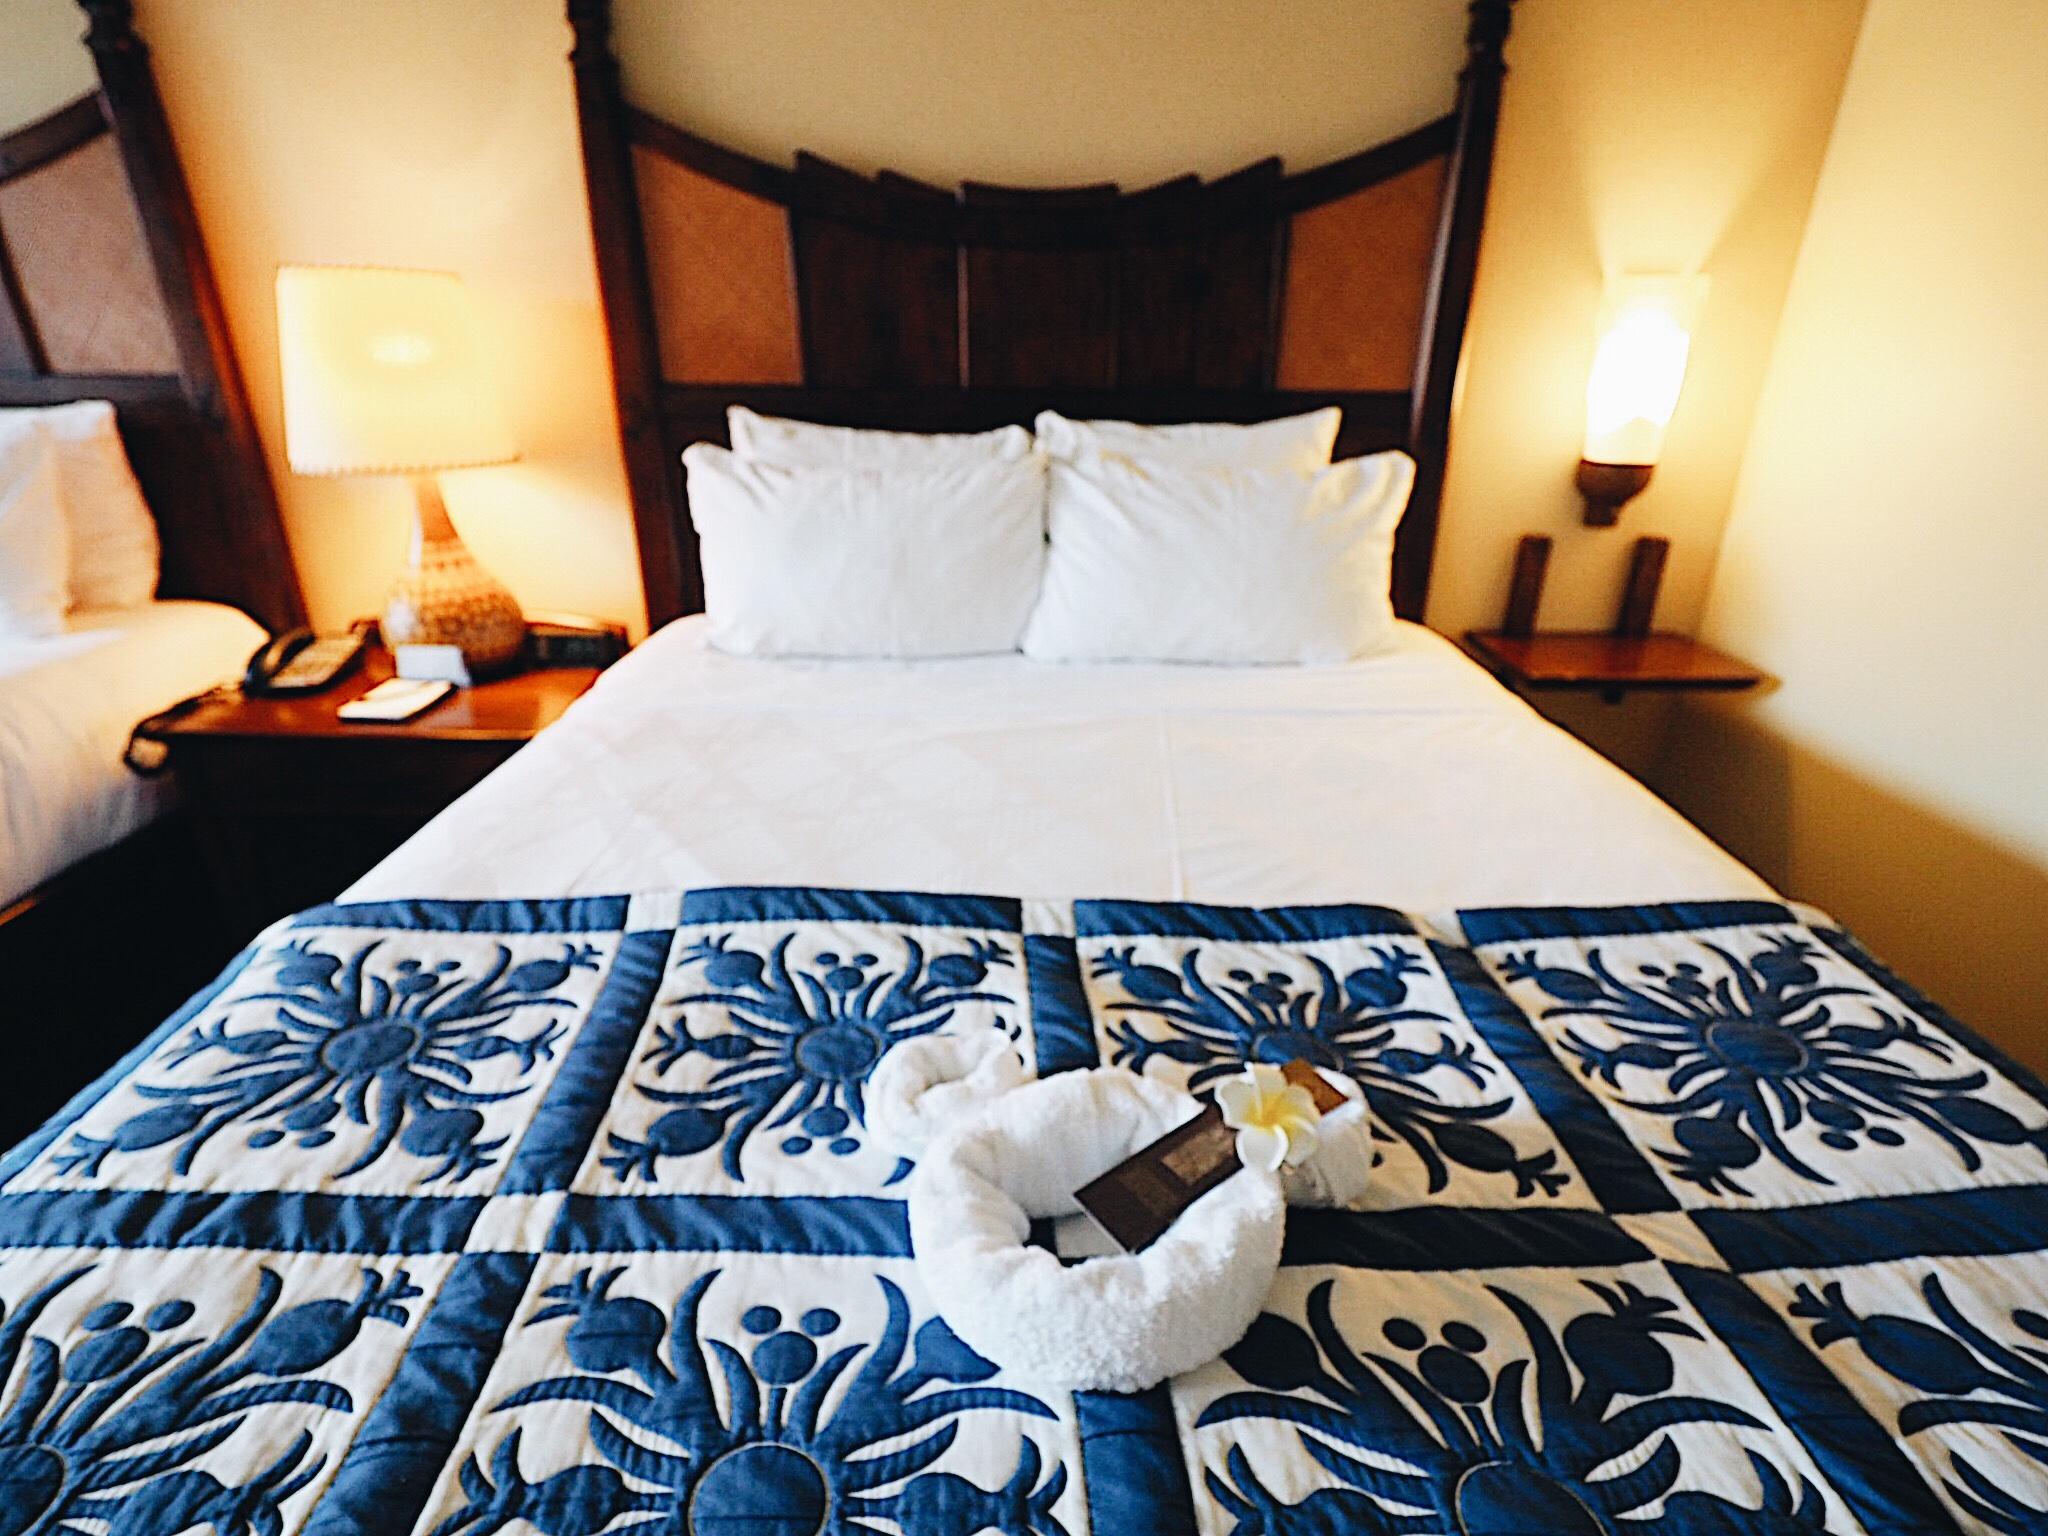 83cc9549 9213 4764 bd3e 2f01a63bcdfc - Aulani, A Disney Resort & Spa  - 家族で、女子旅で泊まりたい!ディズニーマジックのかかったハワイのリゾート